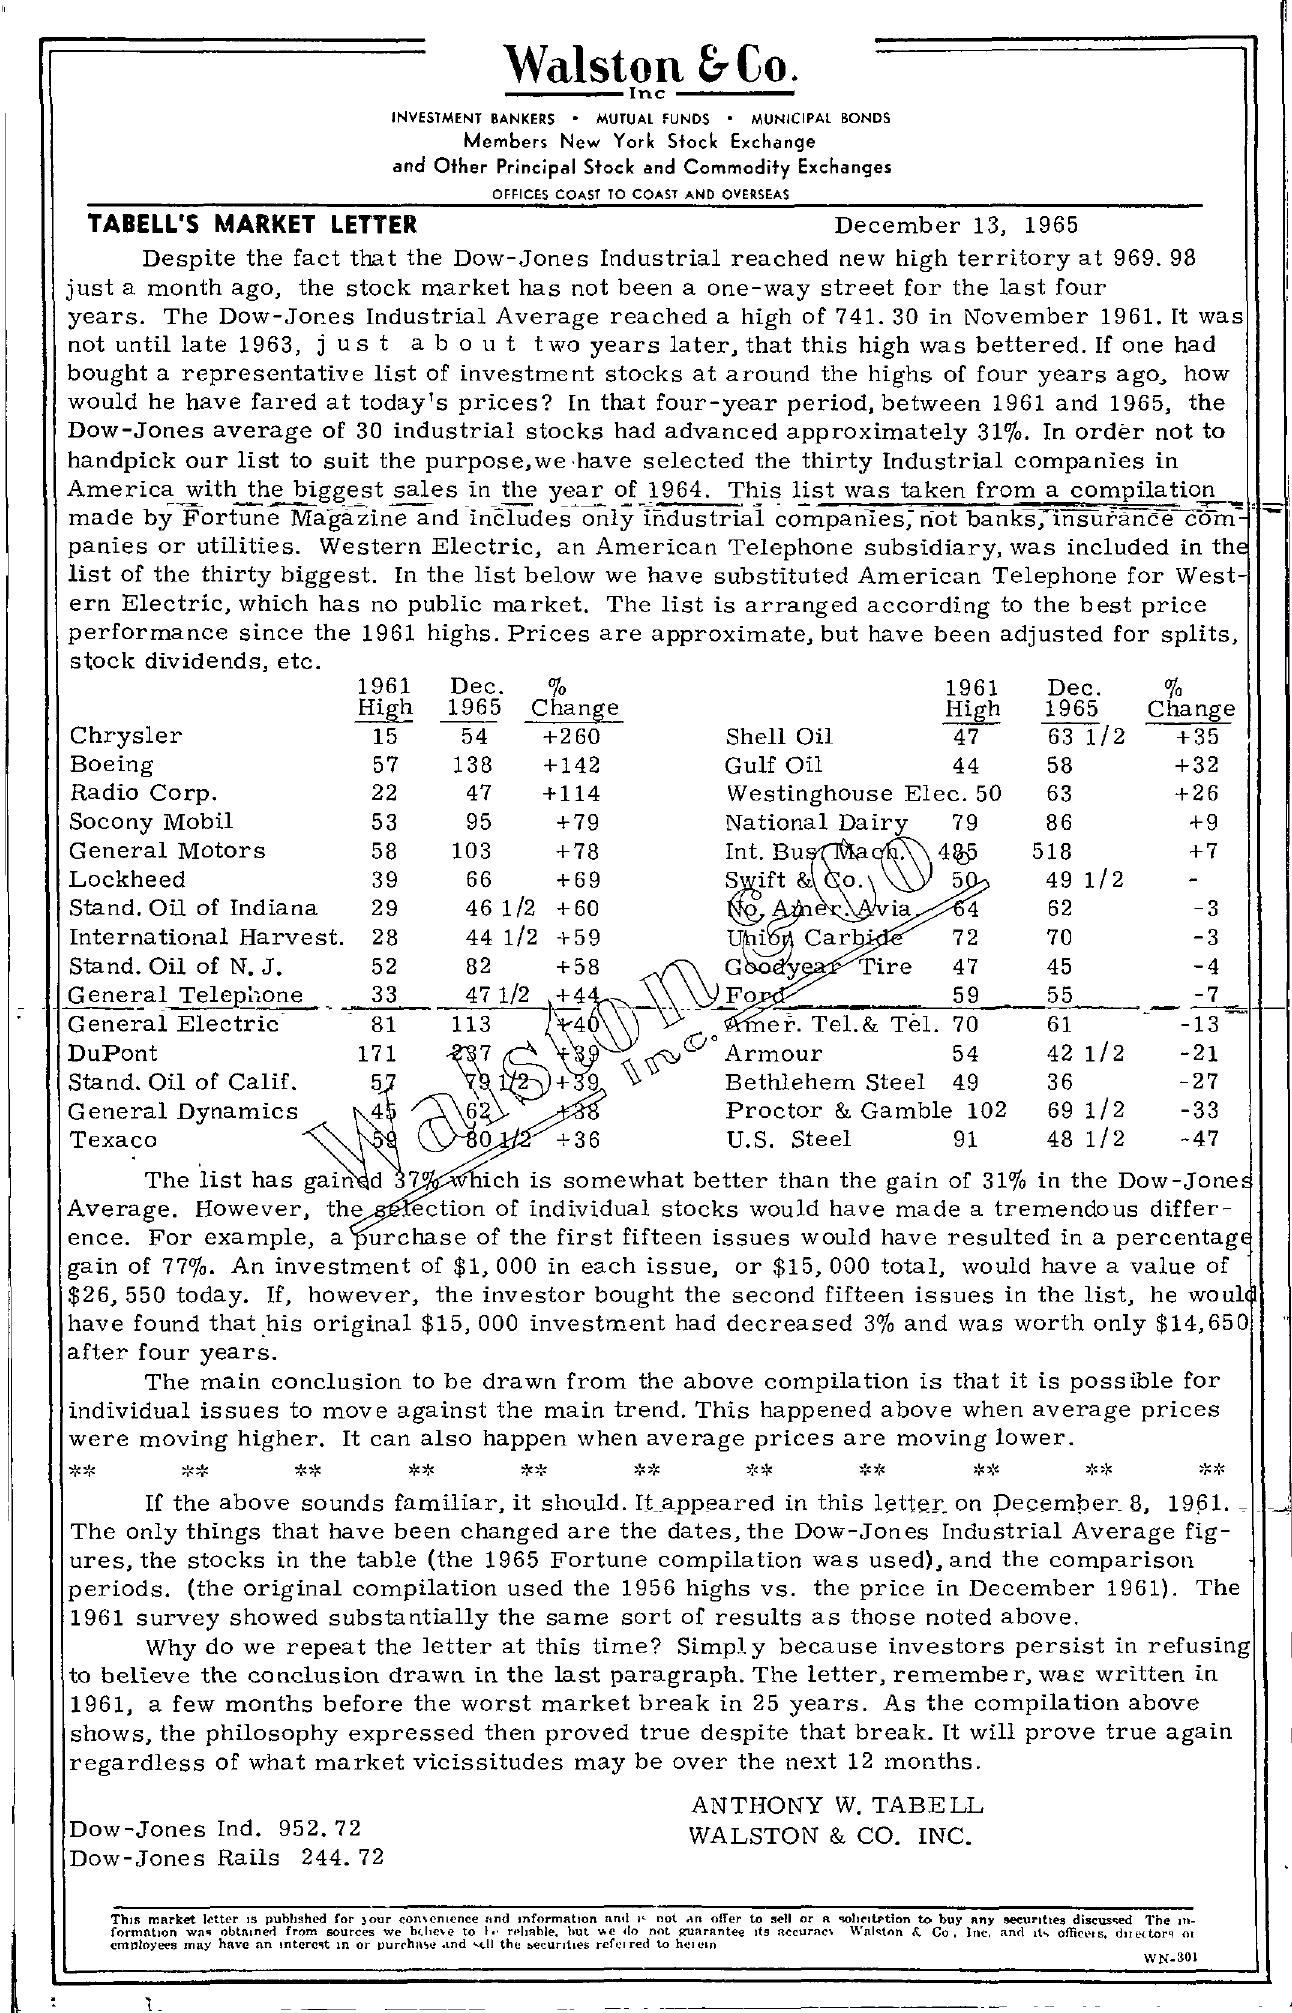 Tabell's Market Letter - December 13, 1965